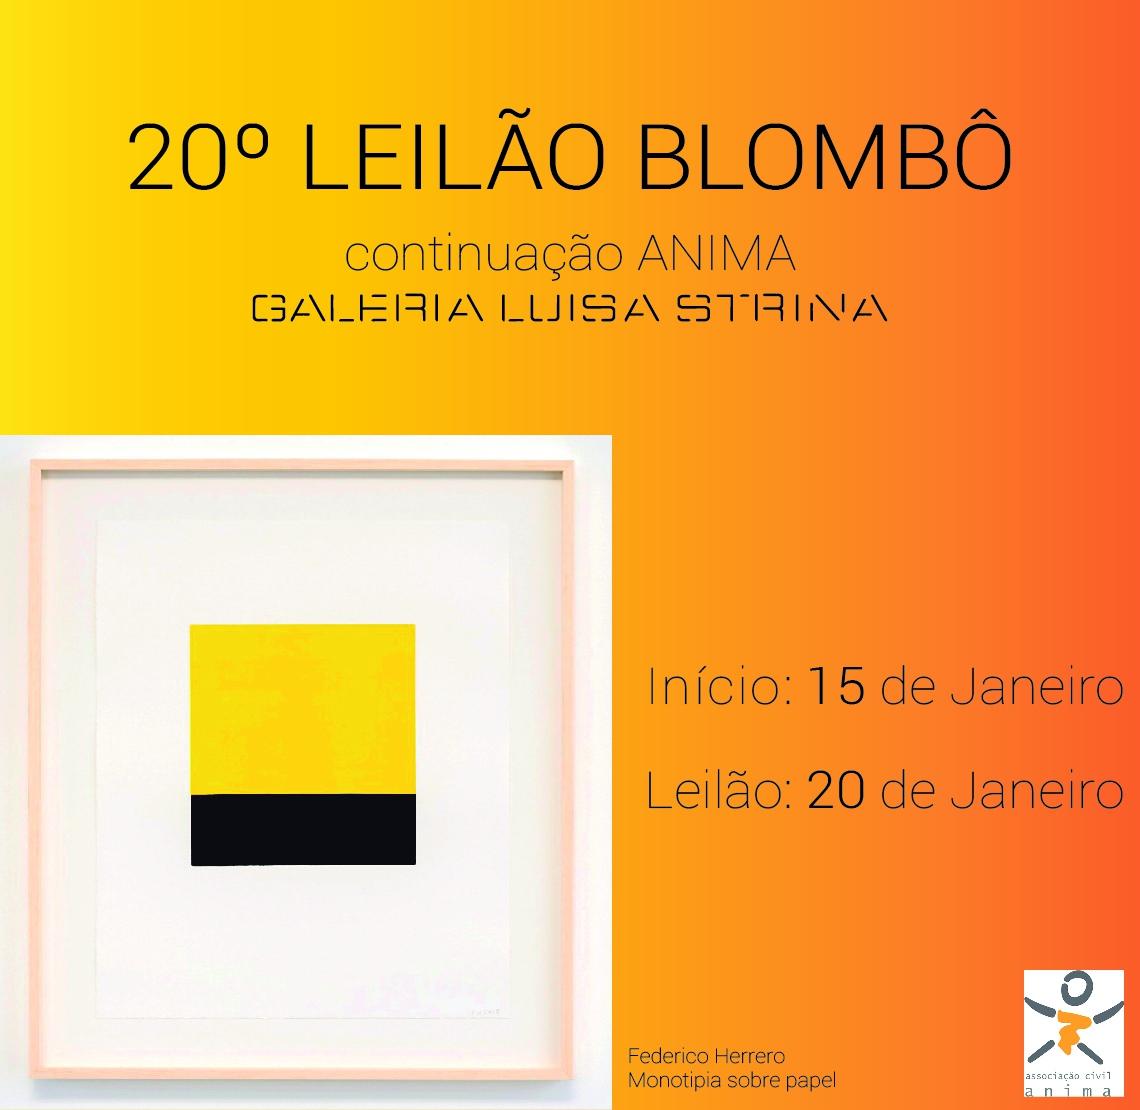 20º Leilão Blombô e continuação ANIMA|Galeria Luisa Strina 20/01 - segunda-feira - às 20h